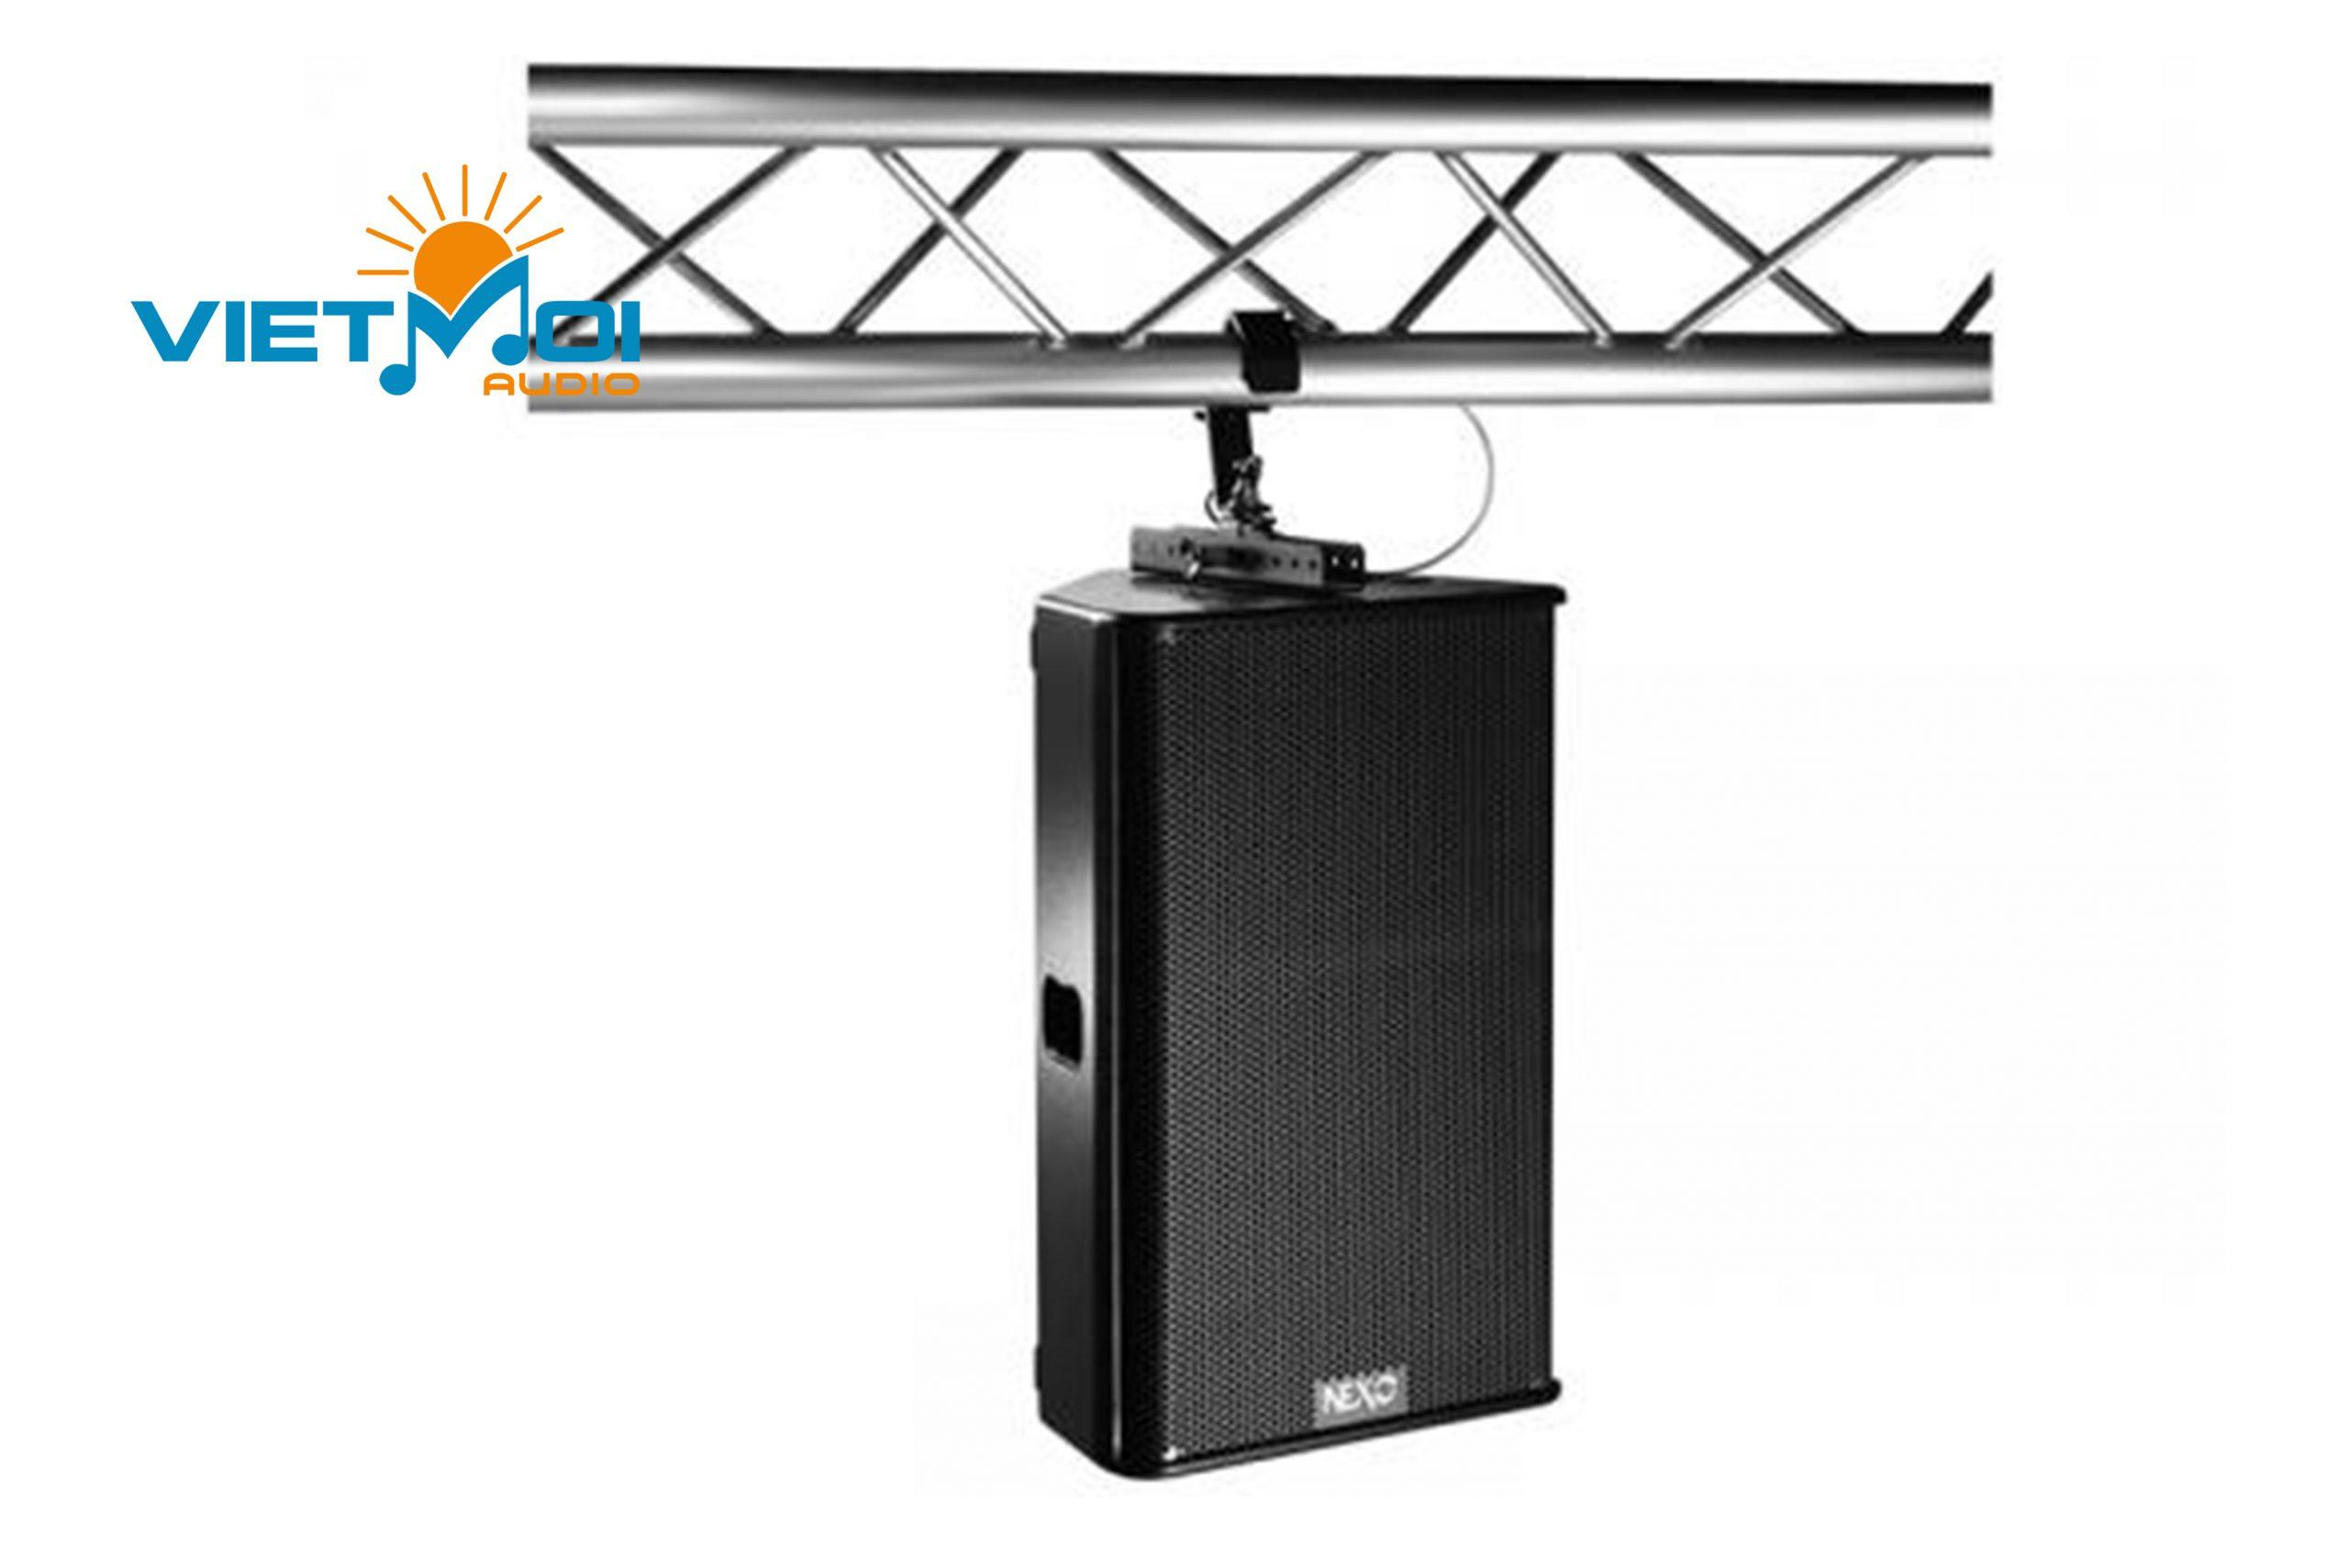 Loa treo array và cách sử dụng, lắp đặt hợp lý nhất